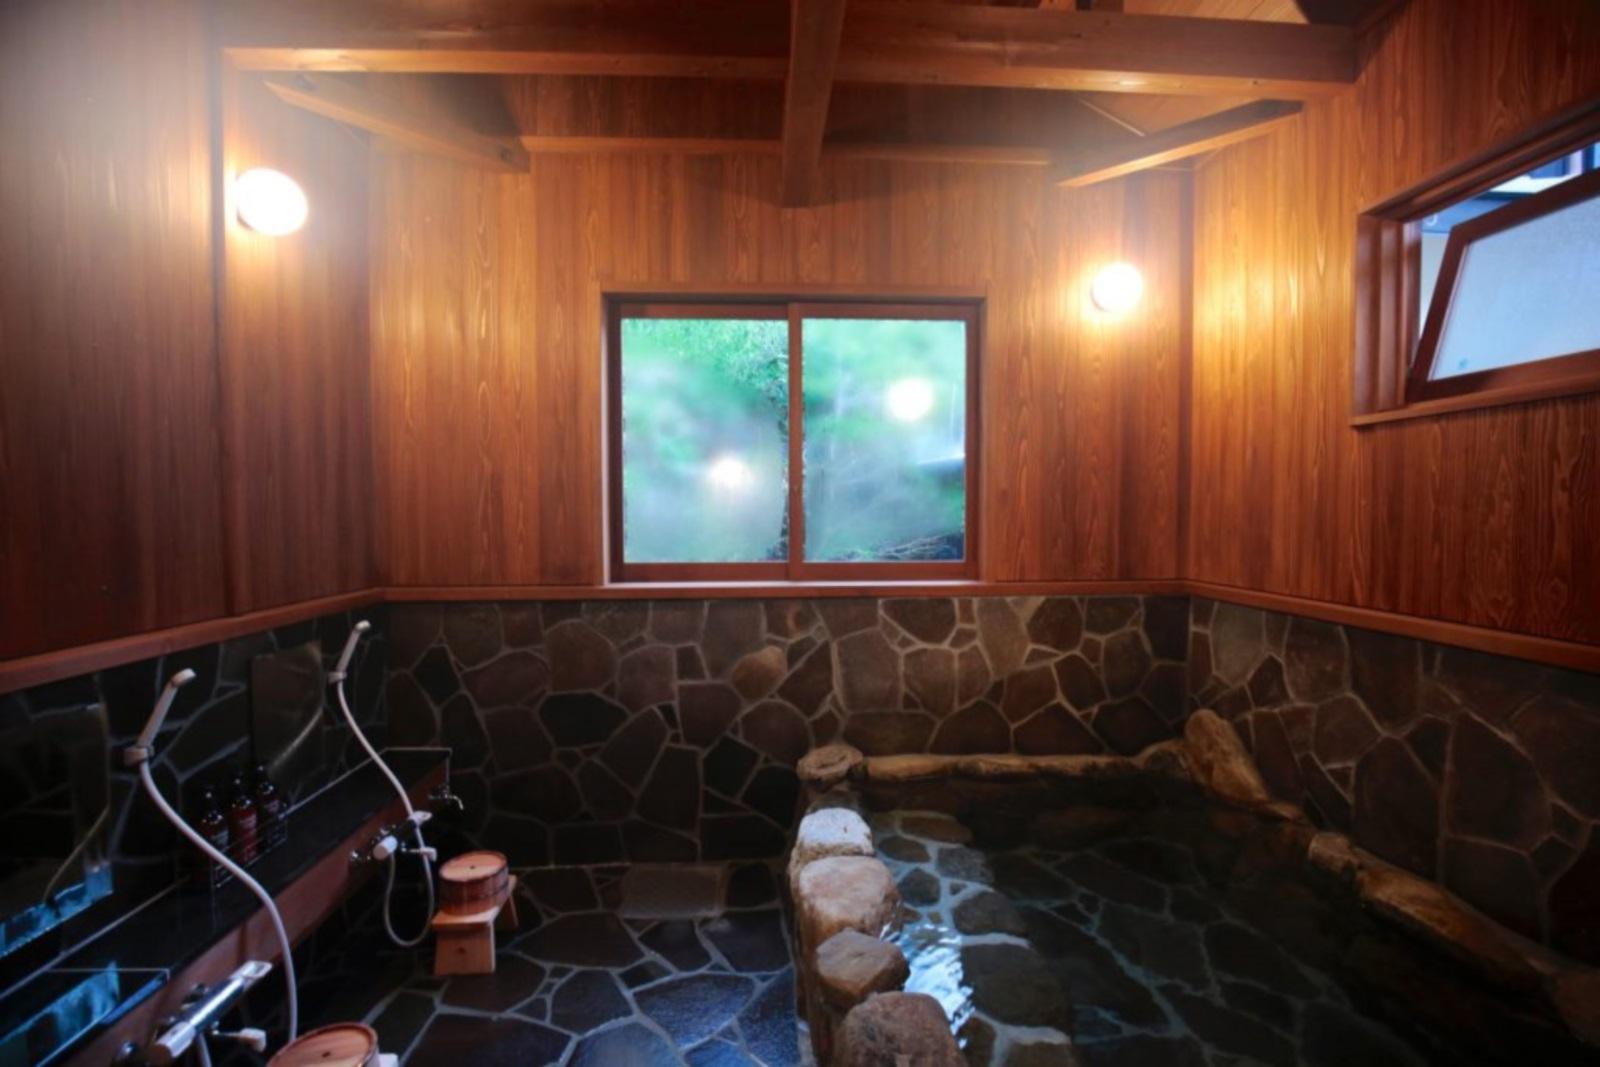 【施設内浴場(岩風呂)】由緒ある天然温泉を保有する【 源泉宿 】として【 源泉かけ流し 】にこだわっ